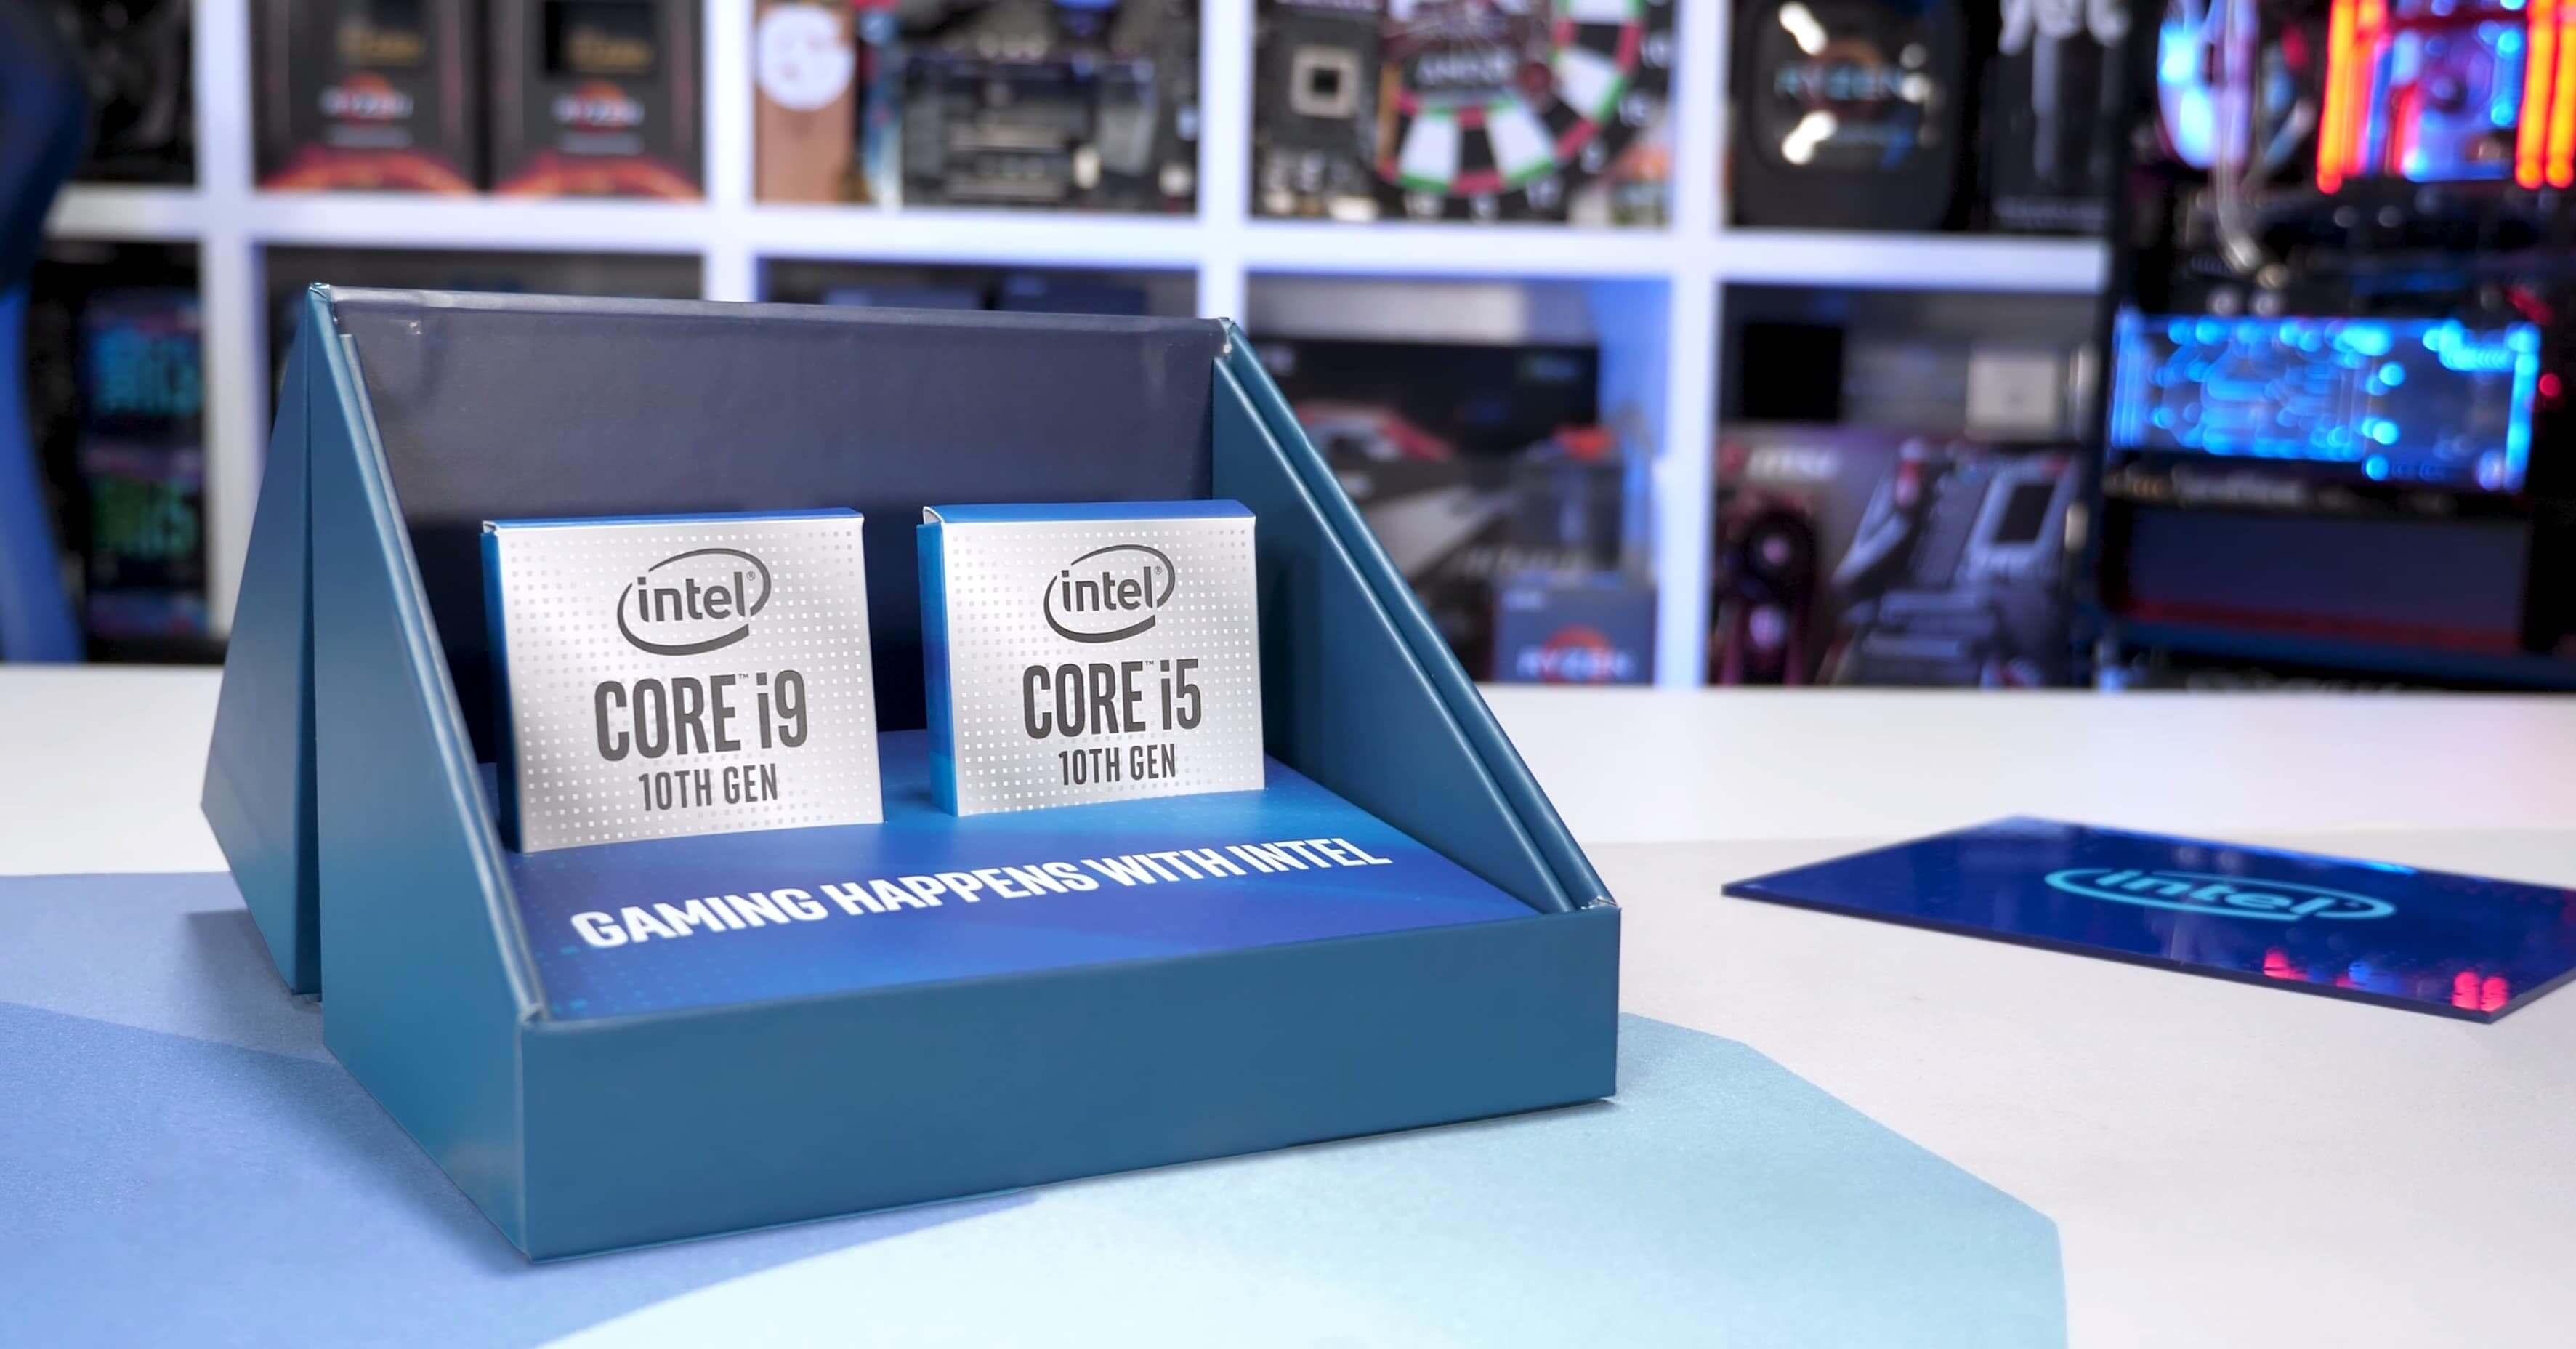 Intel Core I5 10600k Vs Amd Ryzen 5 3600 Vs Ryzen 7 3700x